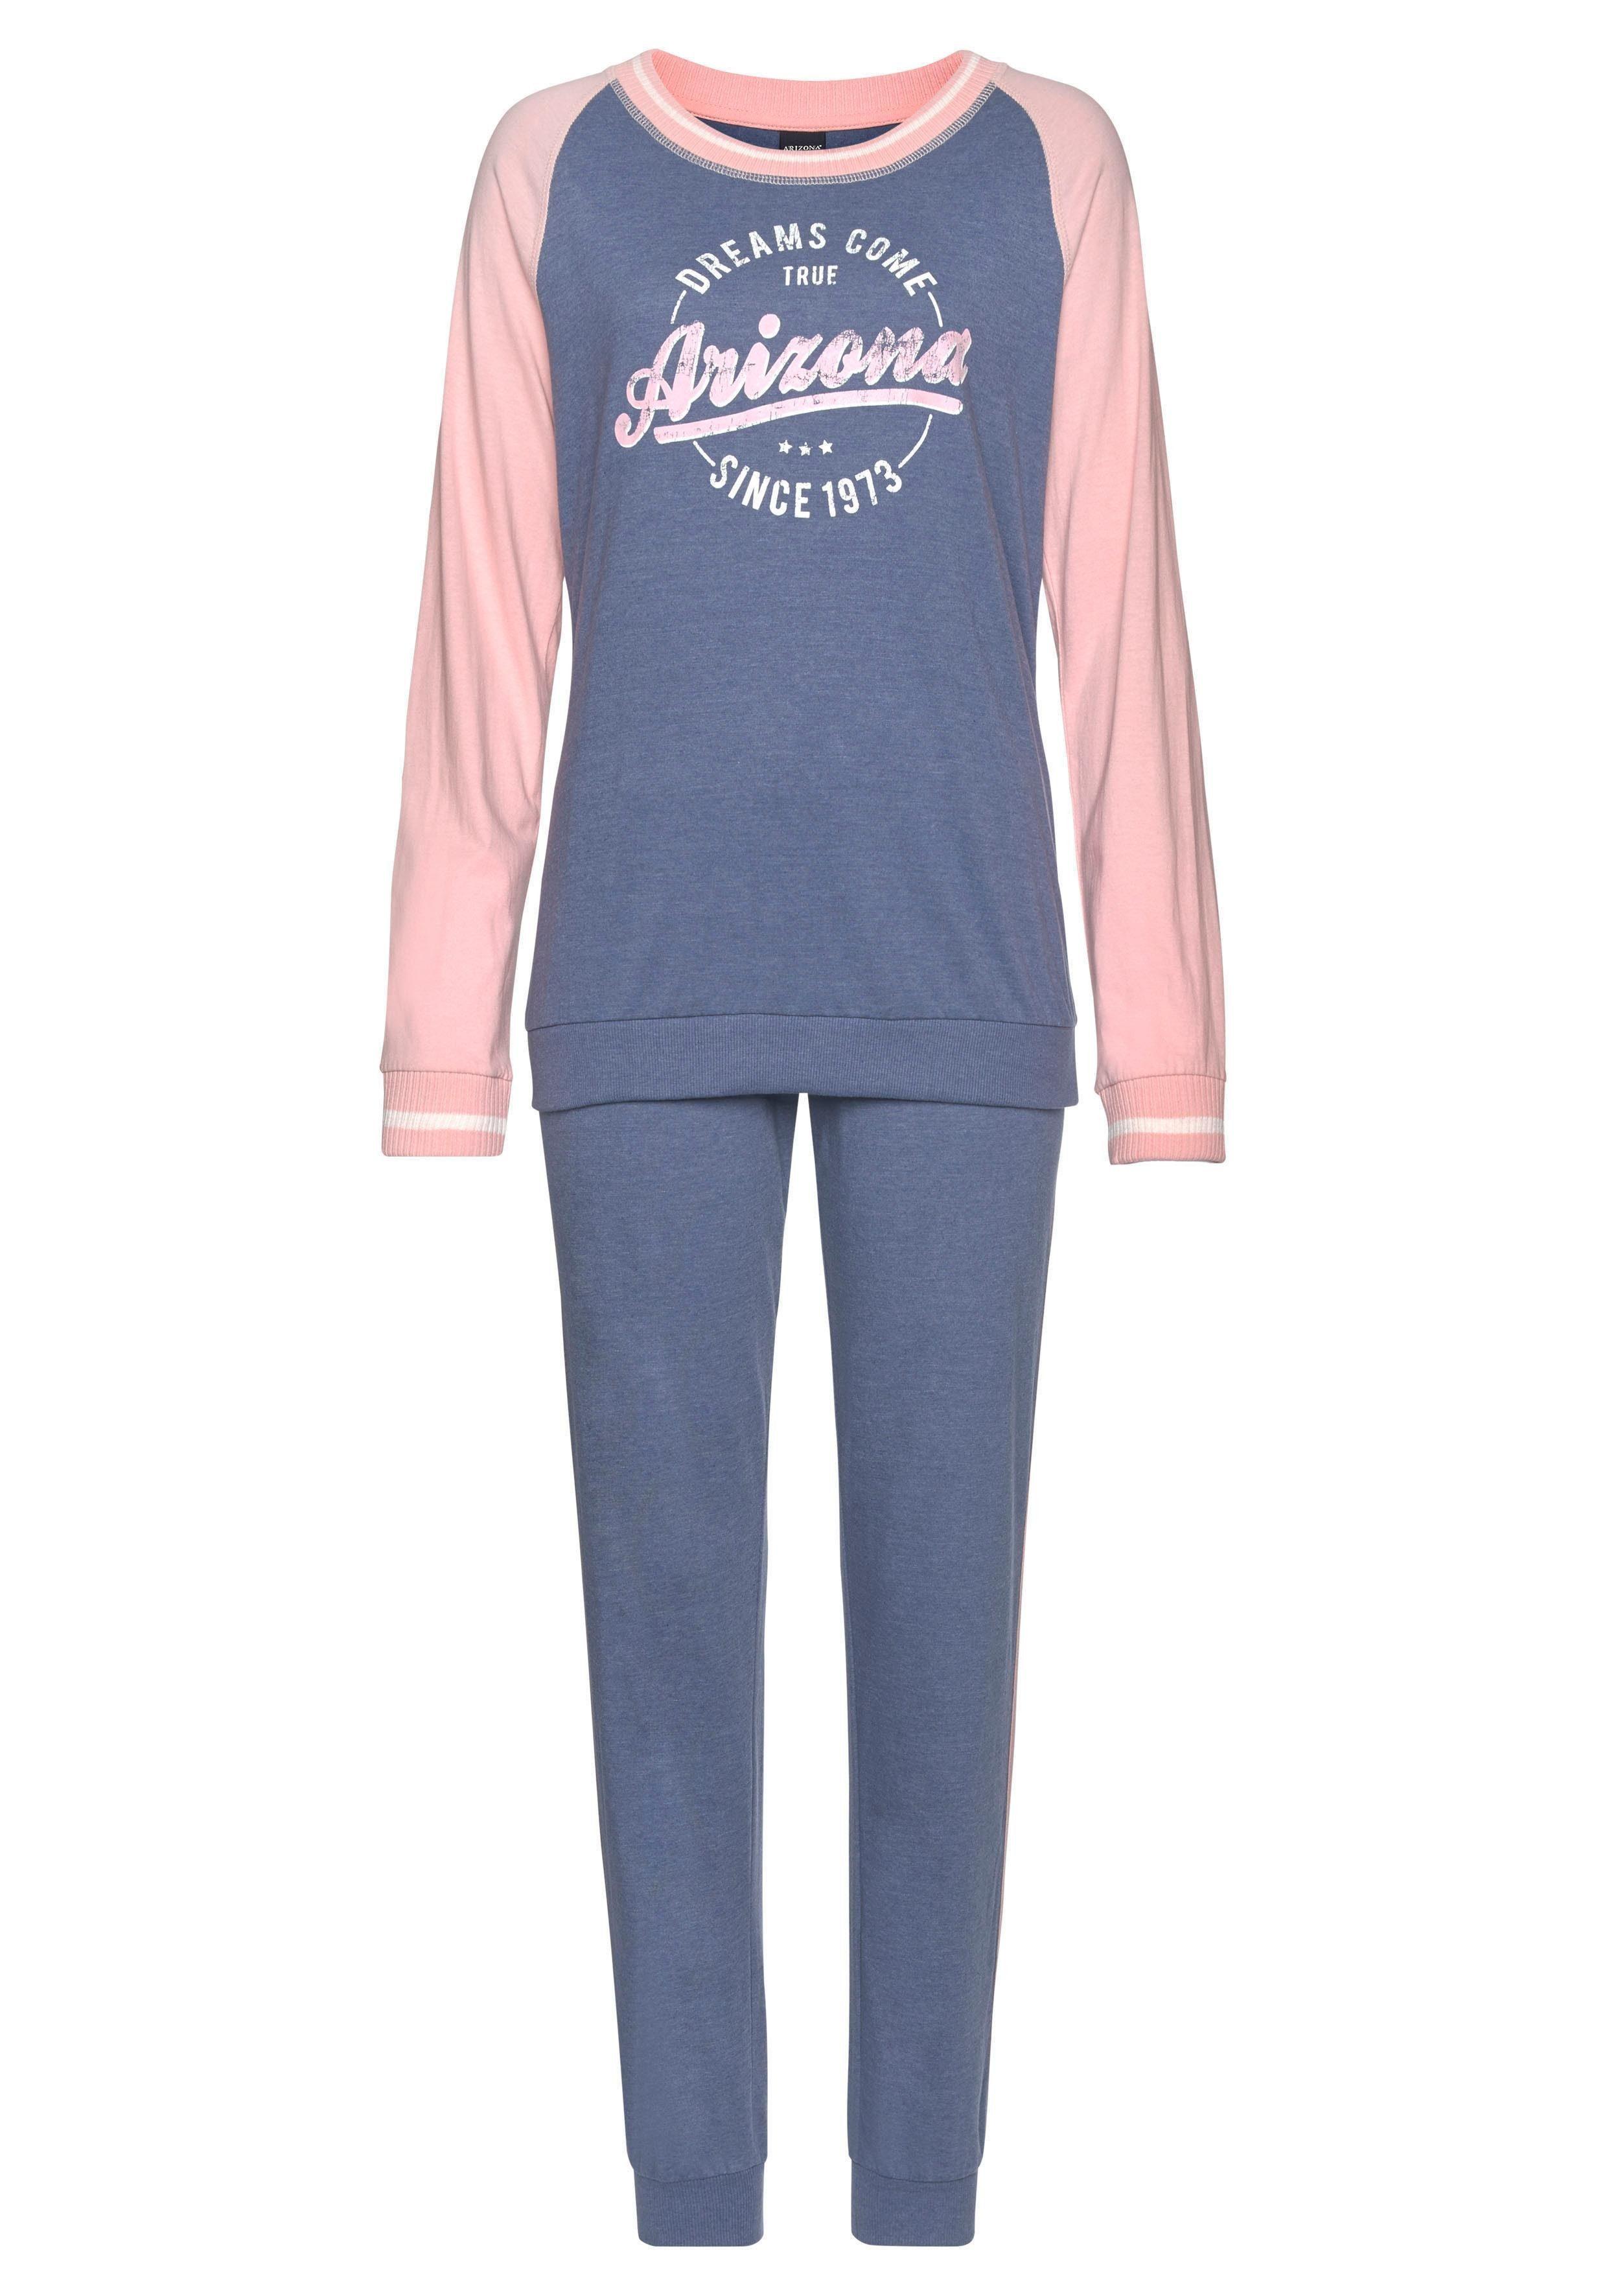 Arizona Pyjama im College-Look mit Folienprint günstig online kaufen